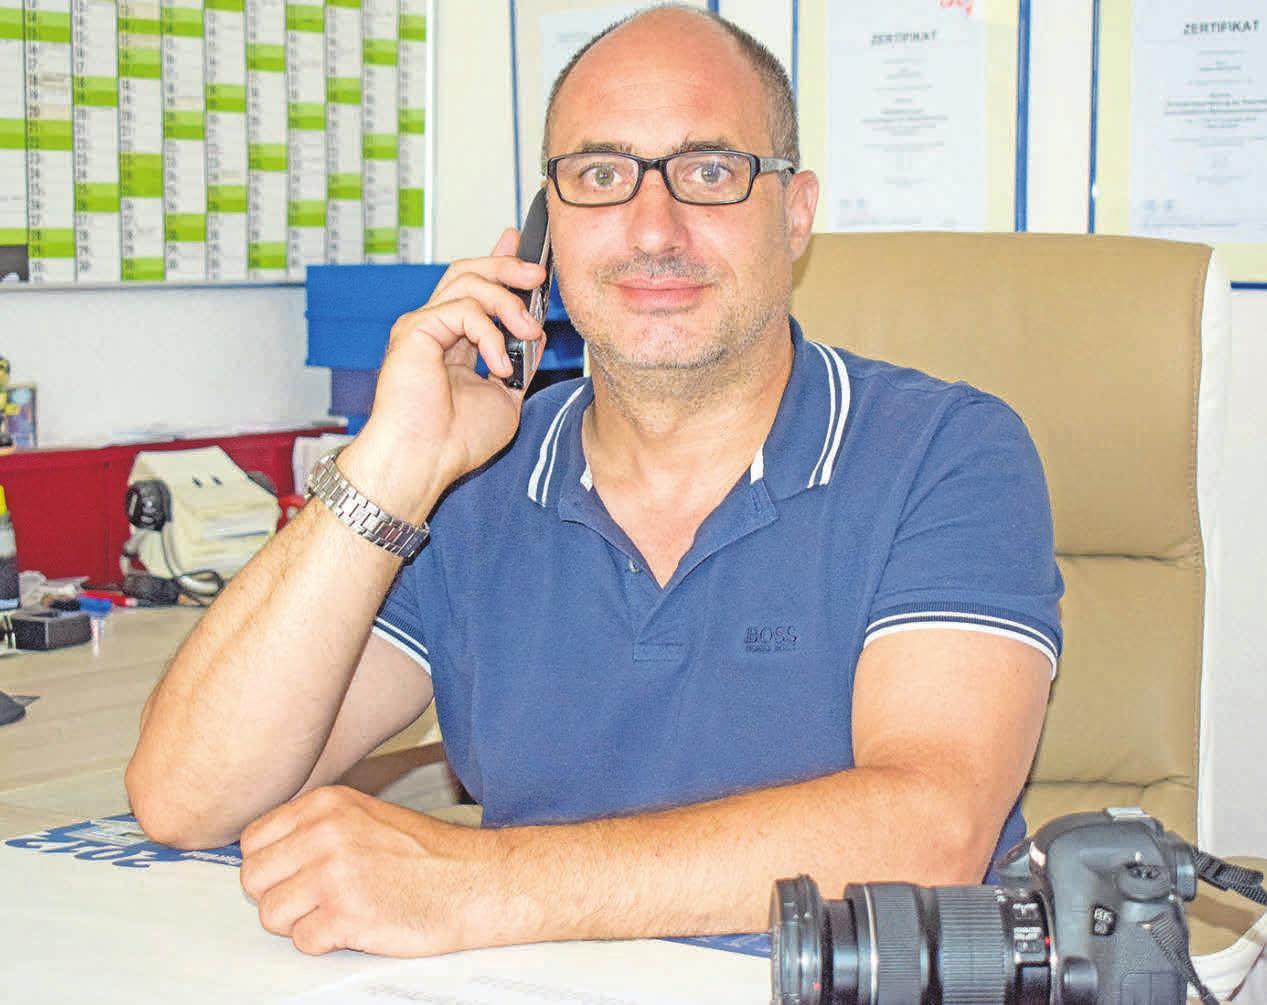 Stefan Künemund legt Wert darauf, zertifizierte, freie und unabhängige Arbeit zu leisten. FOTO: CASPAR